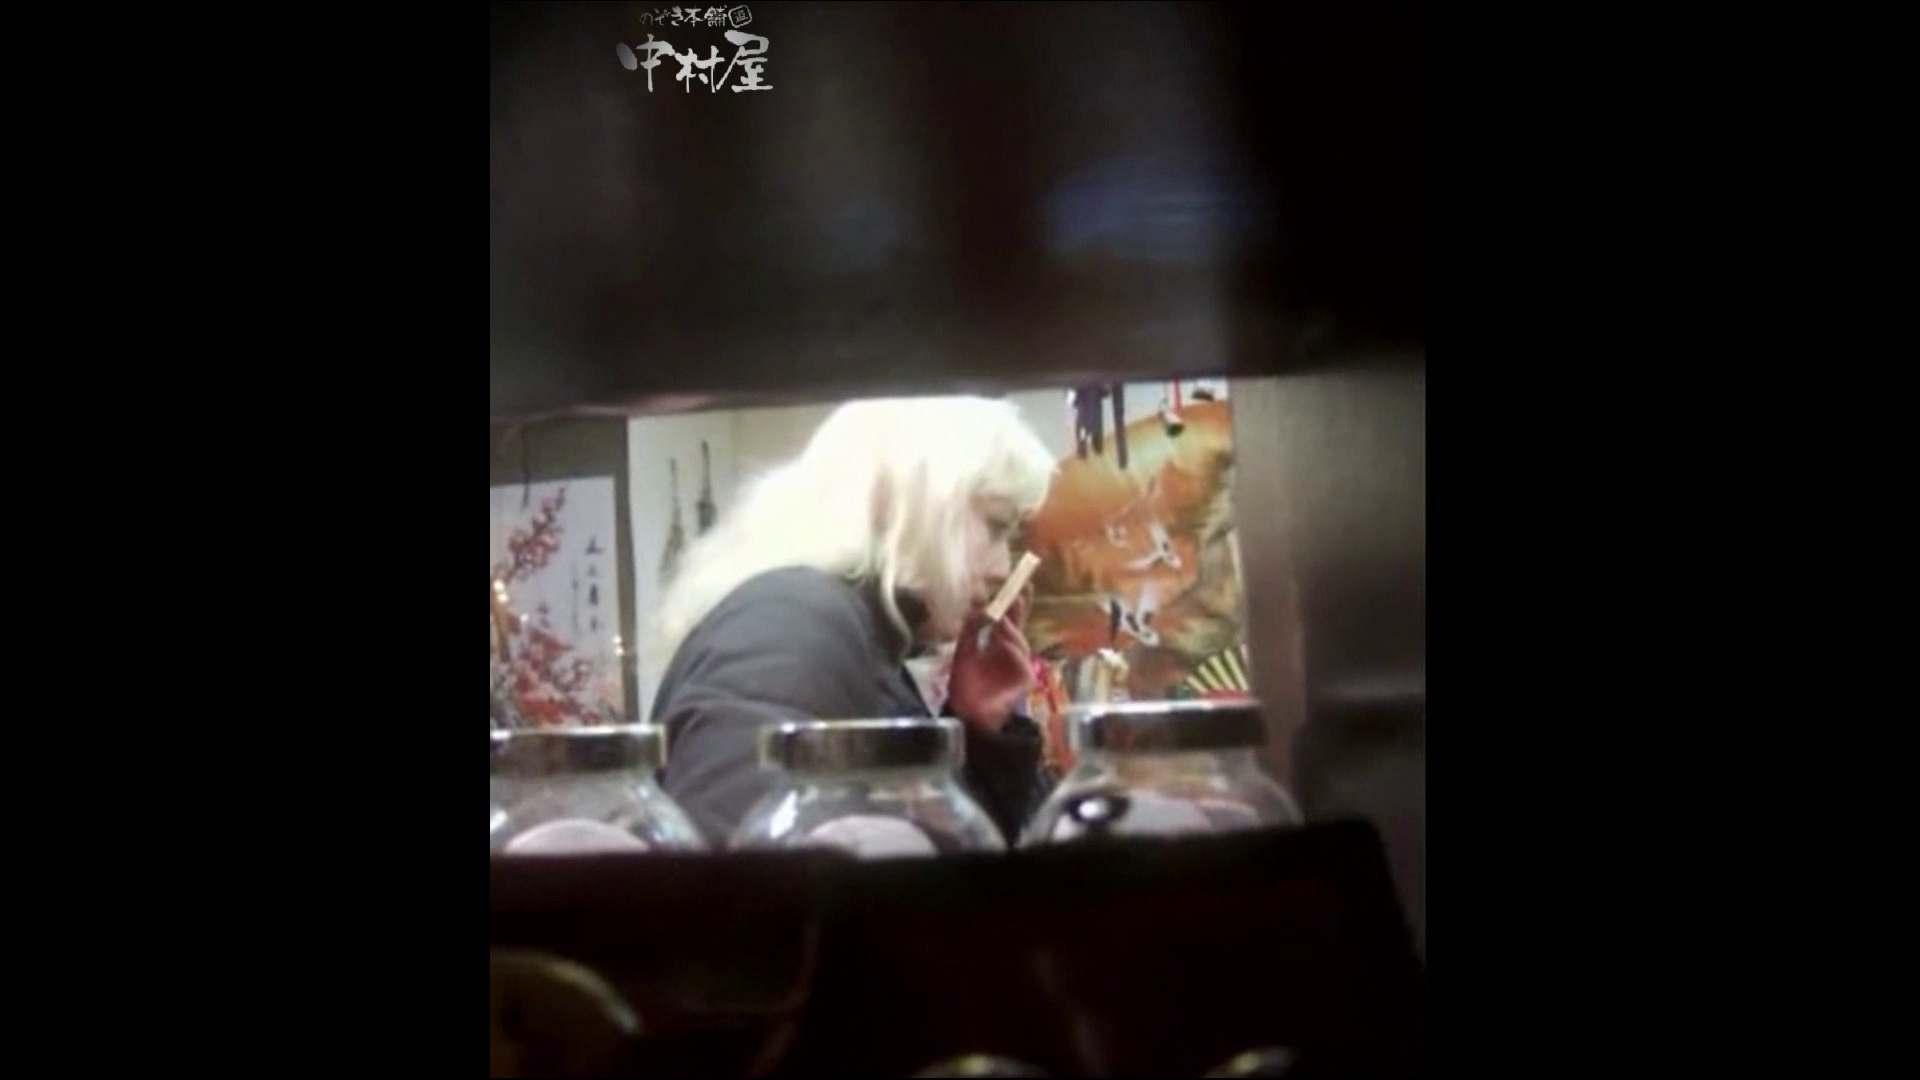 綺麗なモデルさんのスカート捲っちゃおう‼ vol18 HなOL アダルト動画キャプチャ 99pic 94